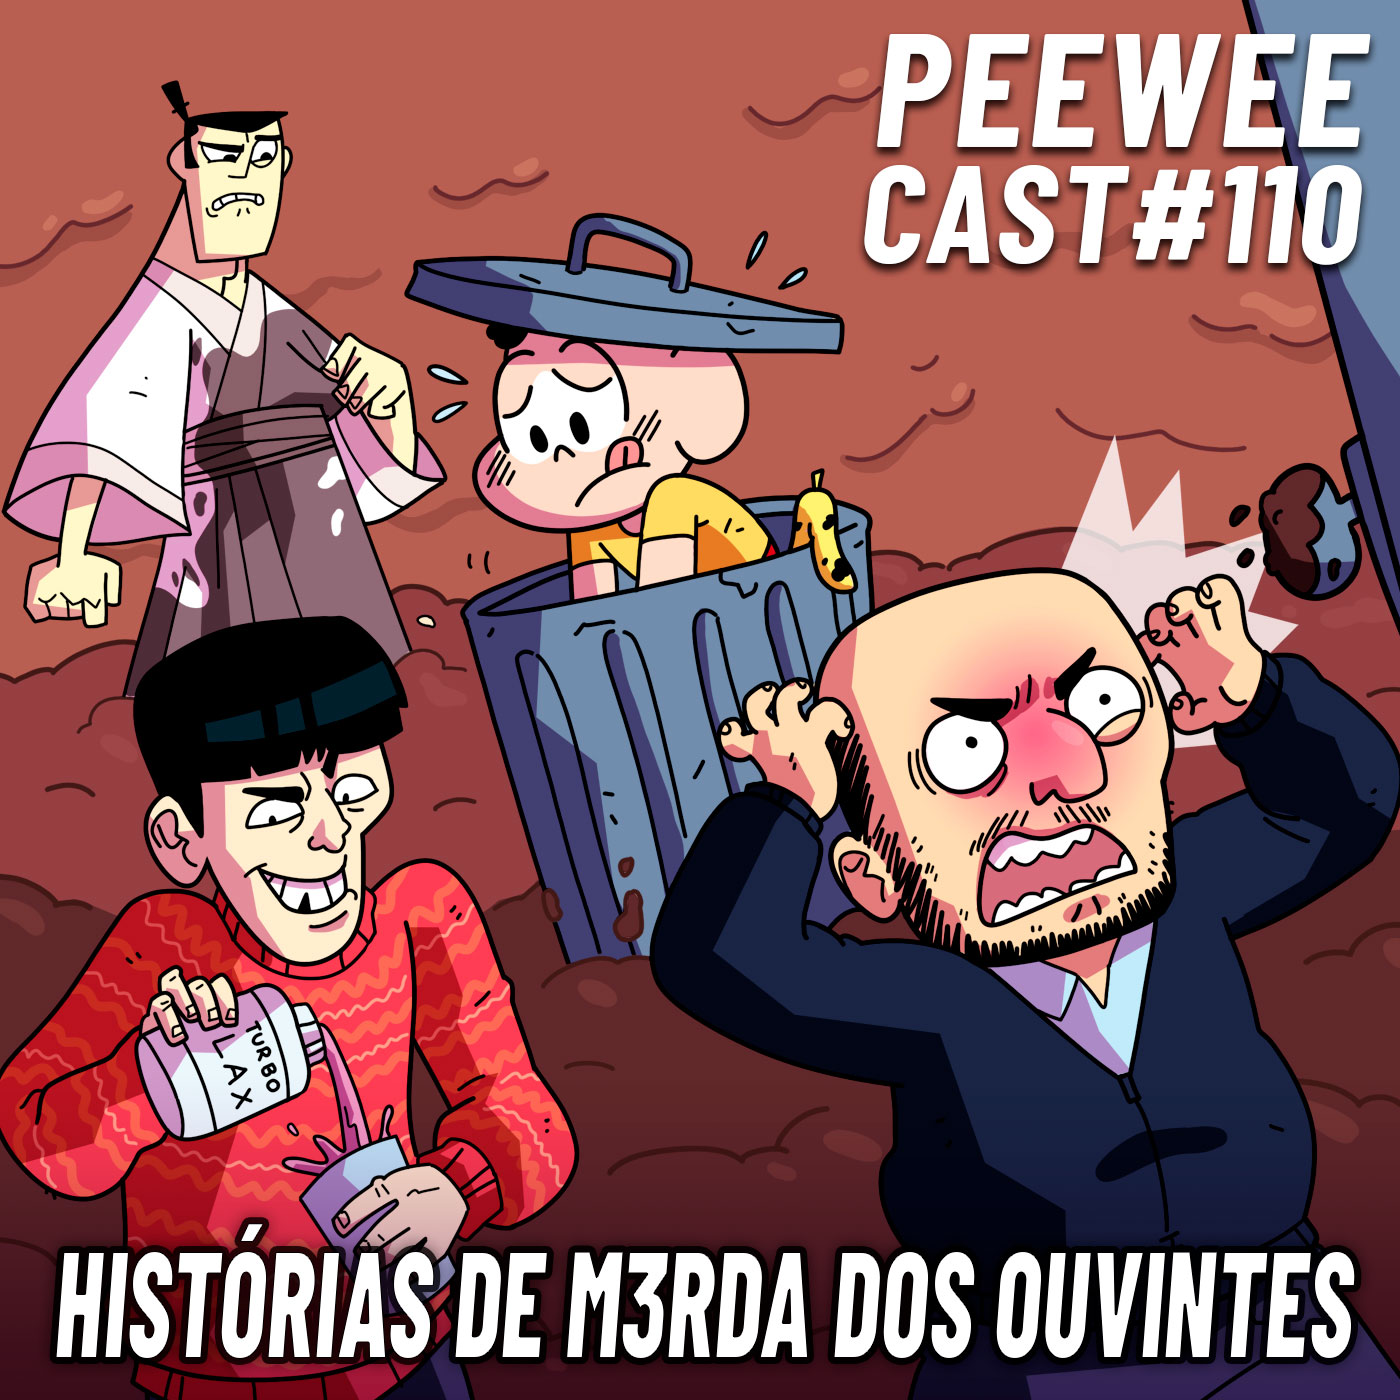 PWC110 – HISTÓRIAS DE MERDA, CAGANÇA E DIARREIA